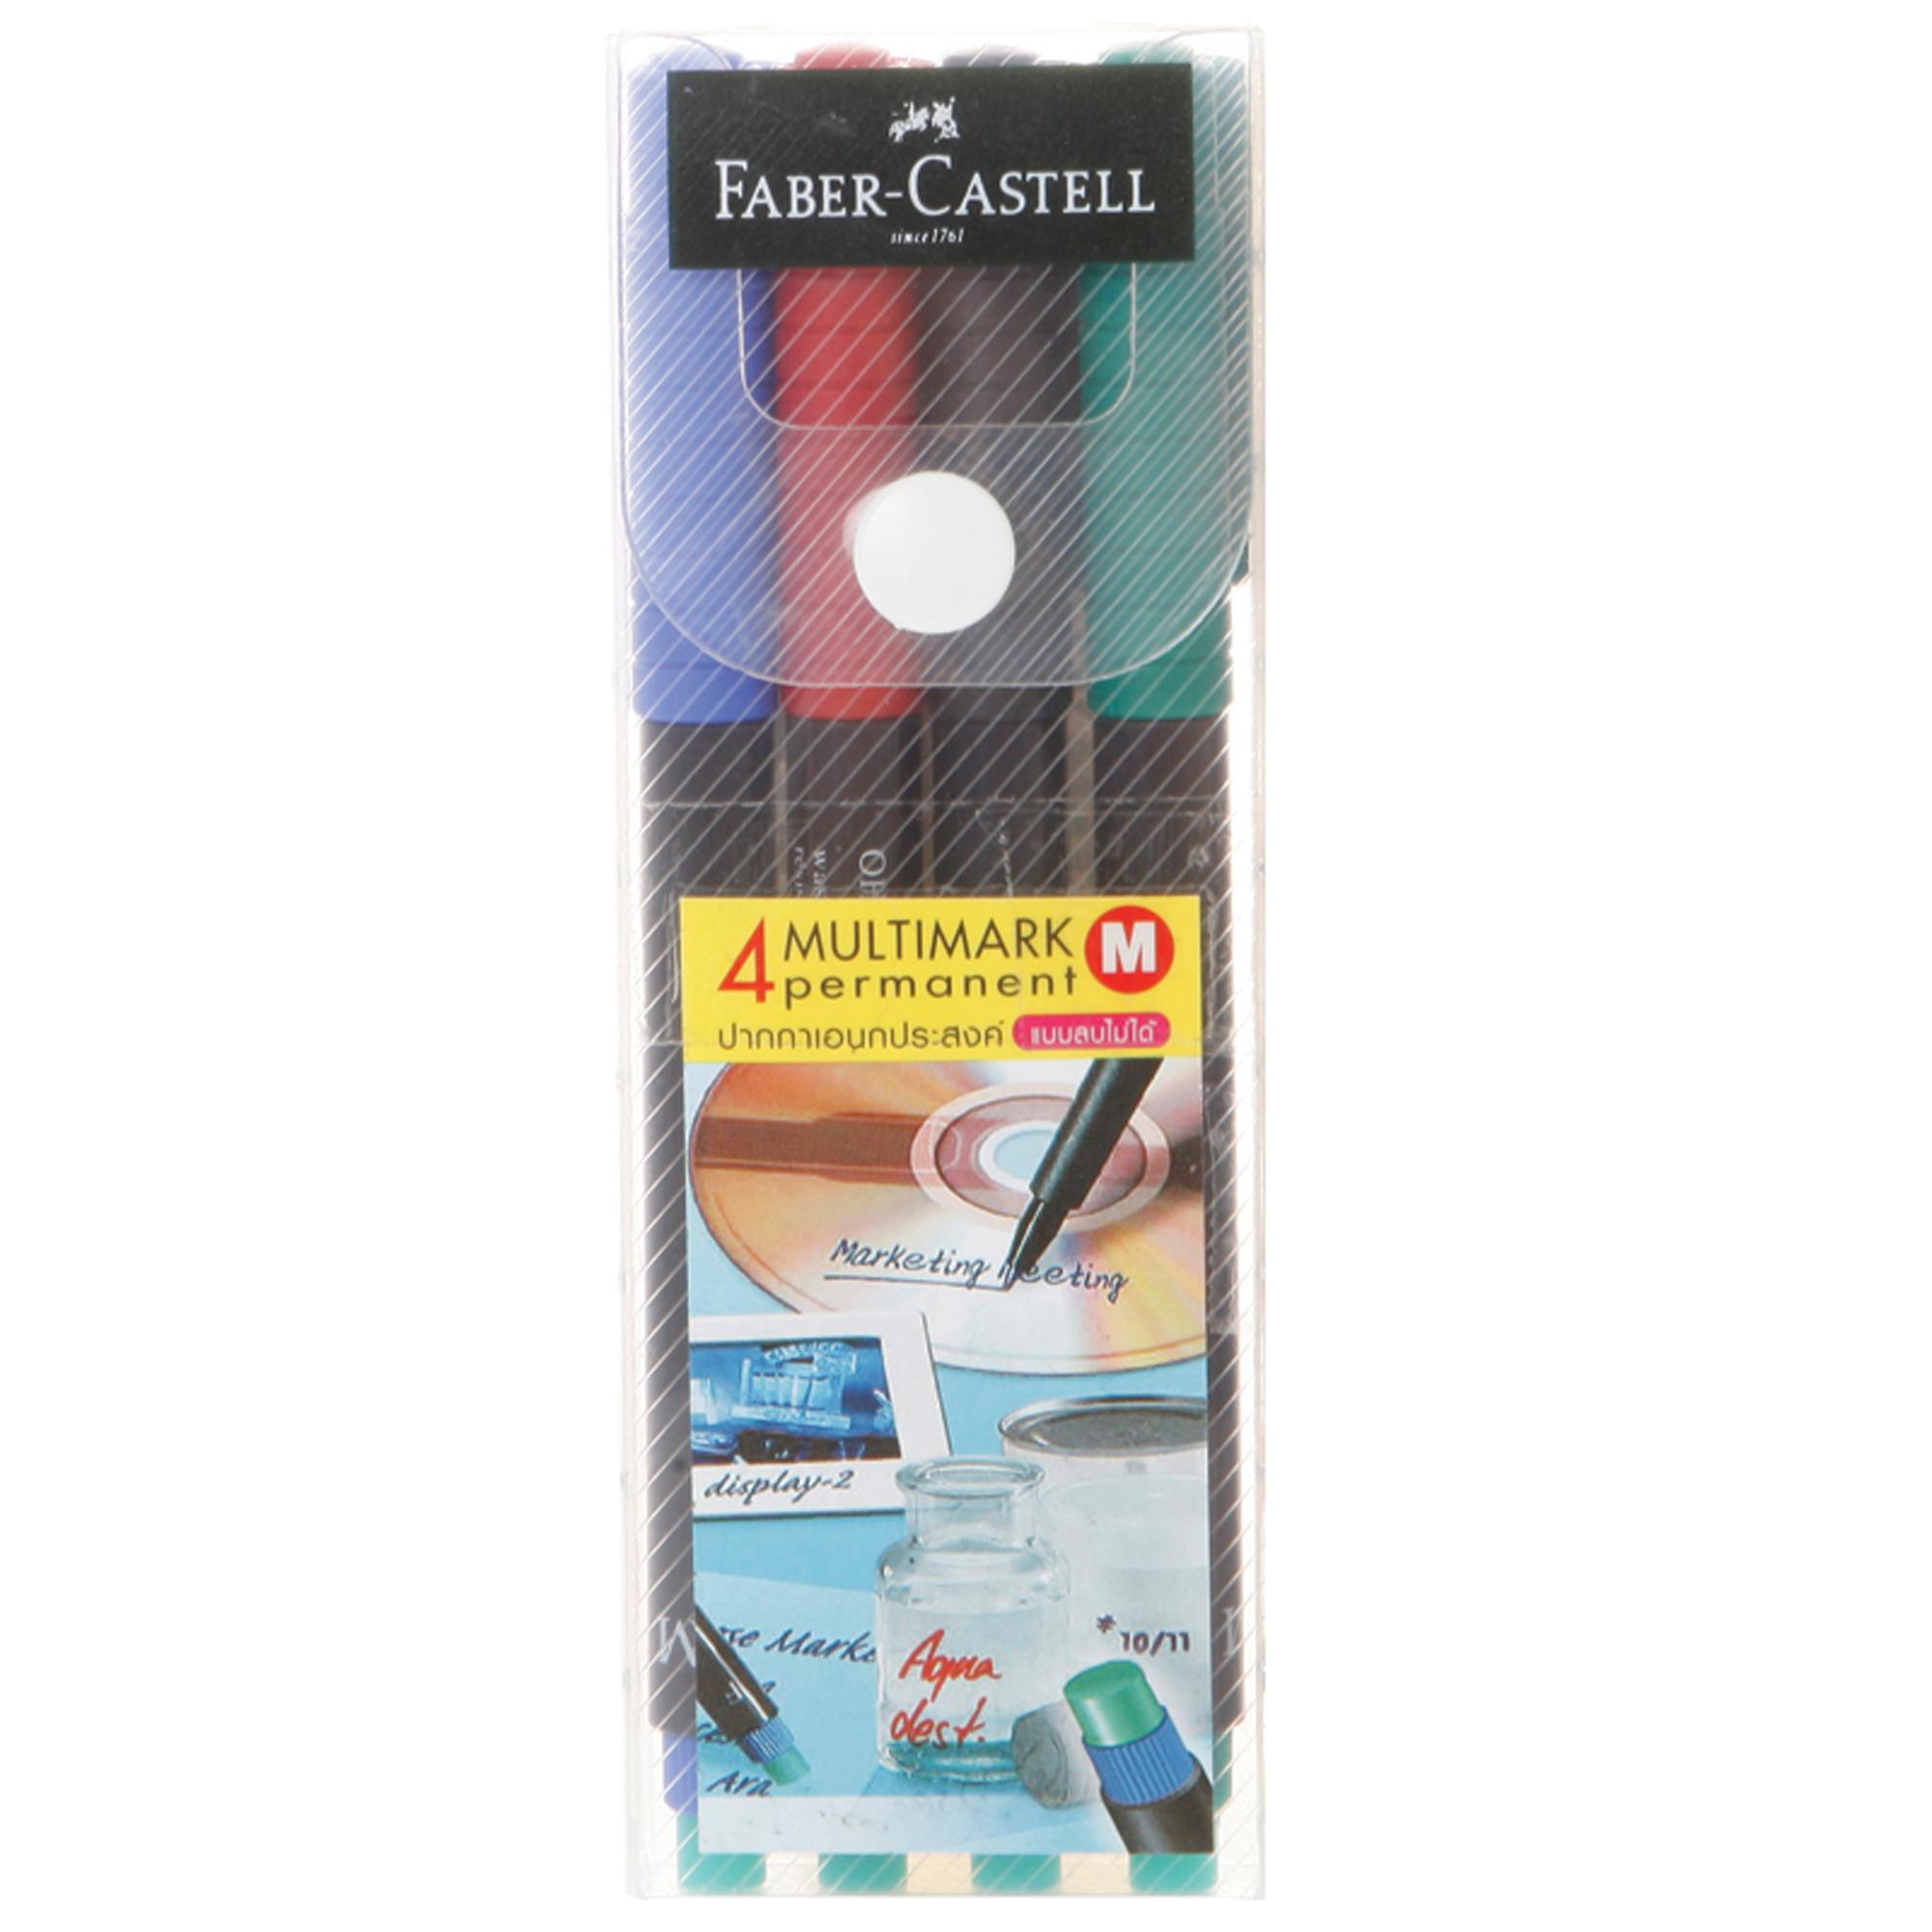 ปากกาเขียนแผ่นใสลบไม่ได้ 1 มม. แบบแพ็ค 4 สี Faber-Castell